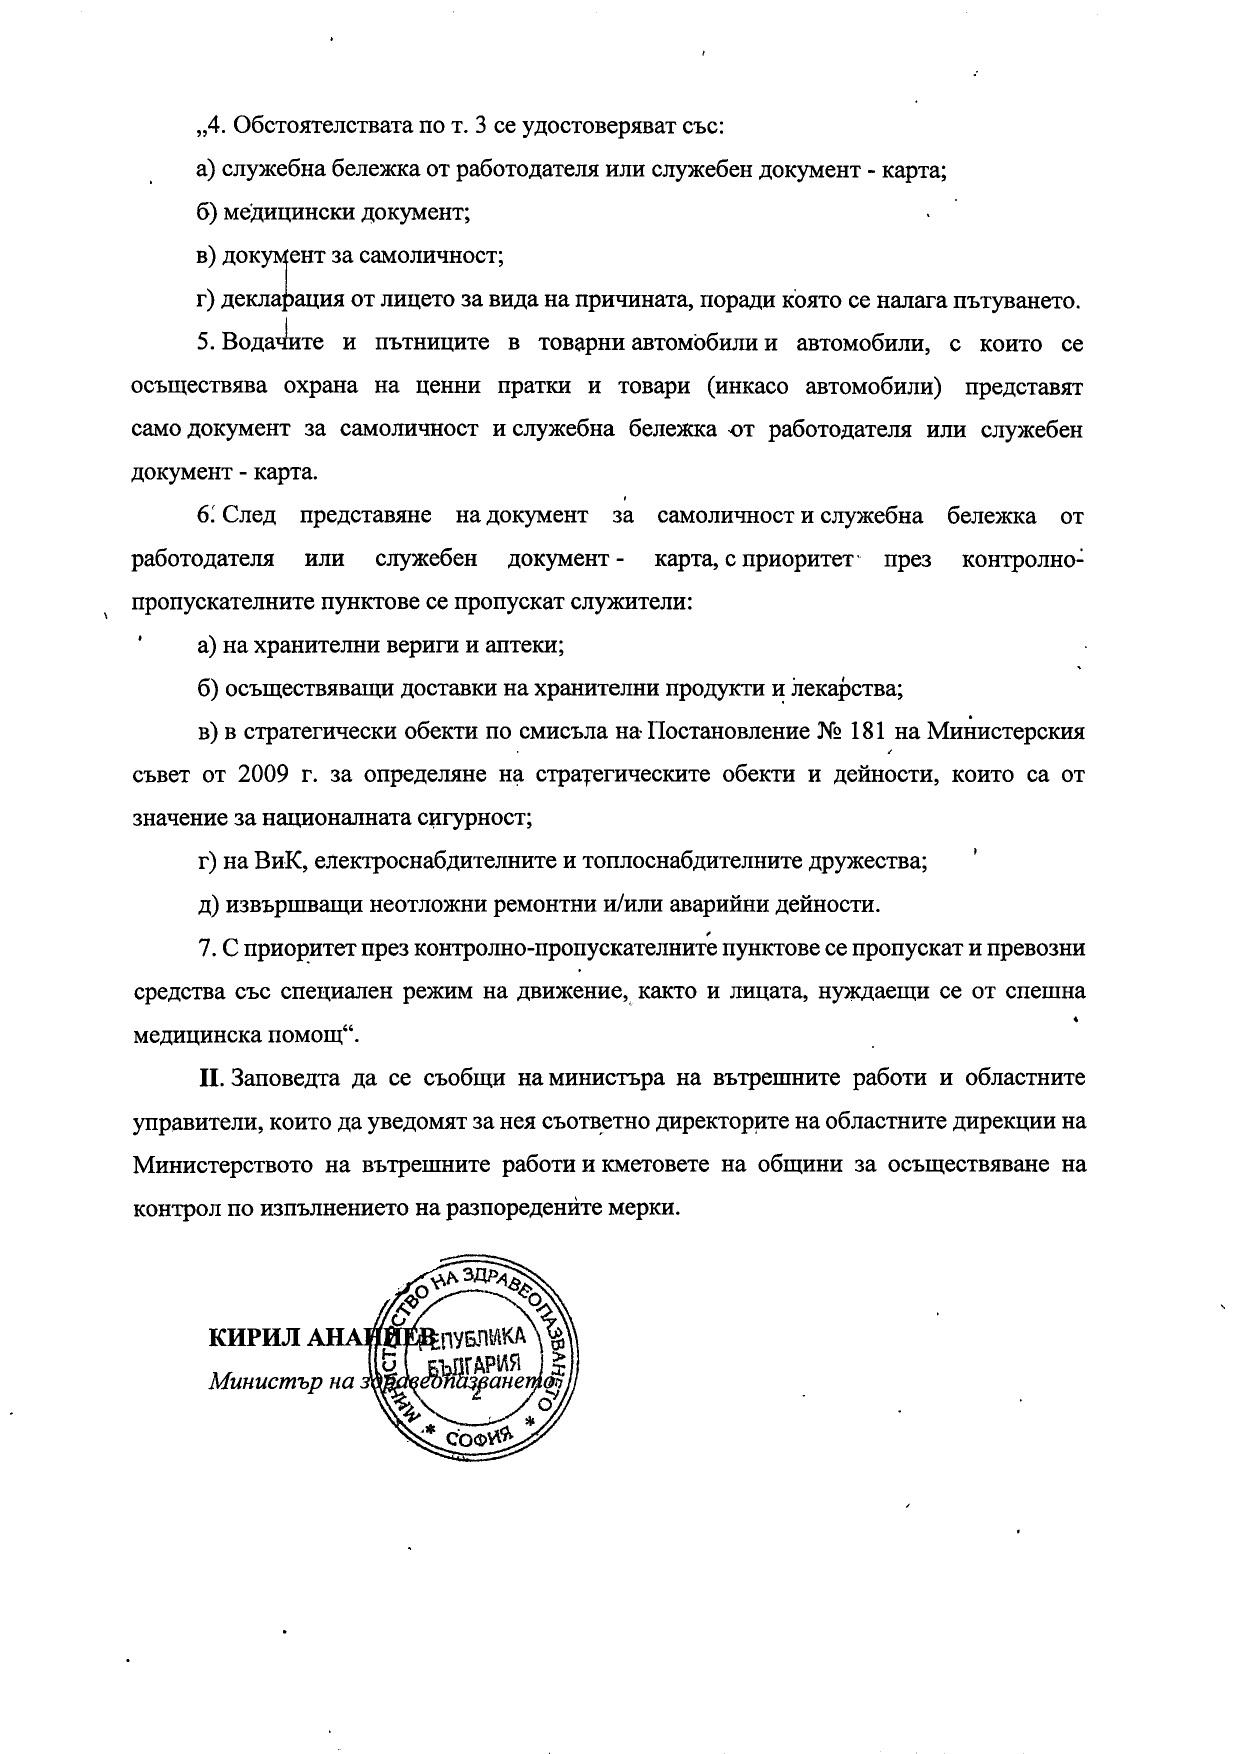 ананиев2